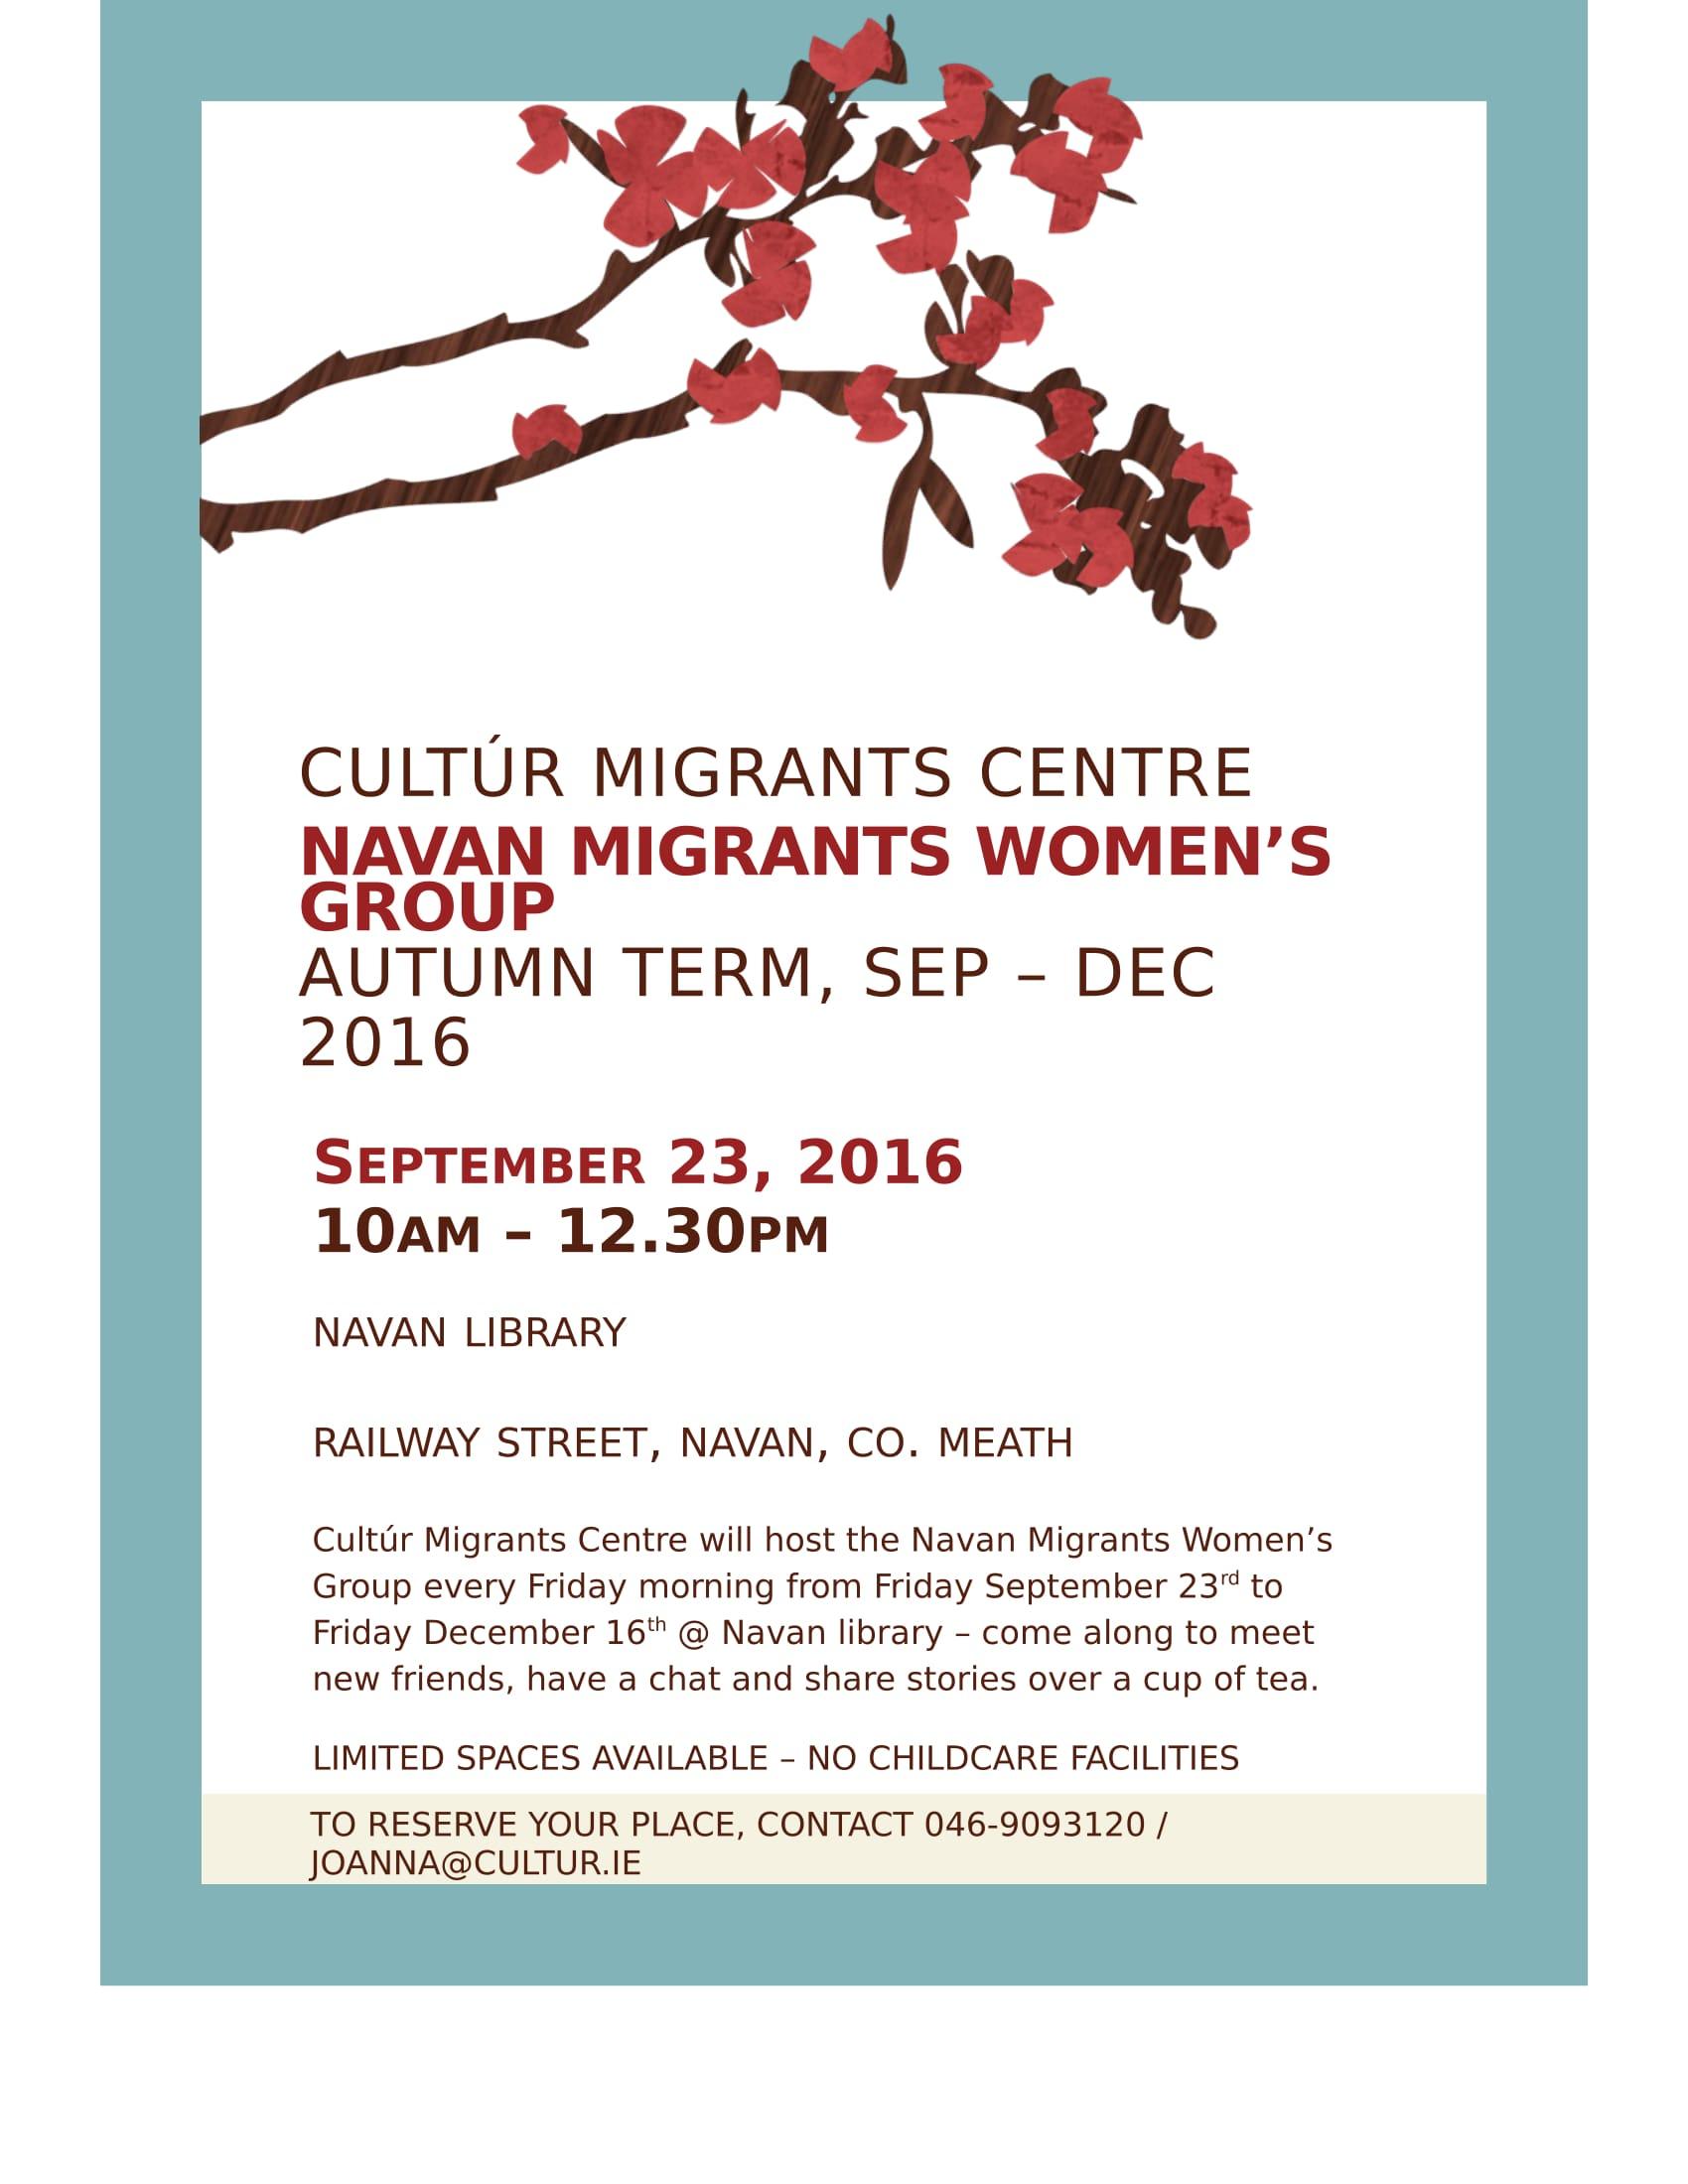 Navan Migrants Women's Group - September 2016